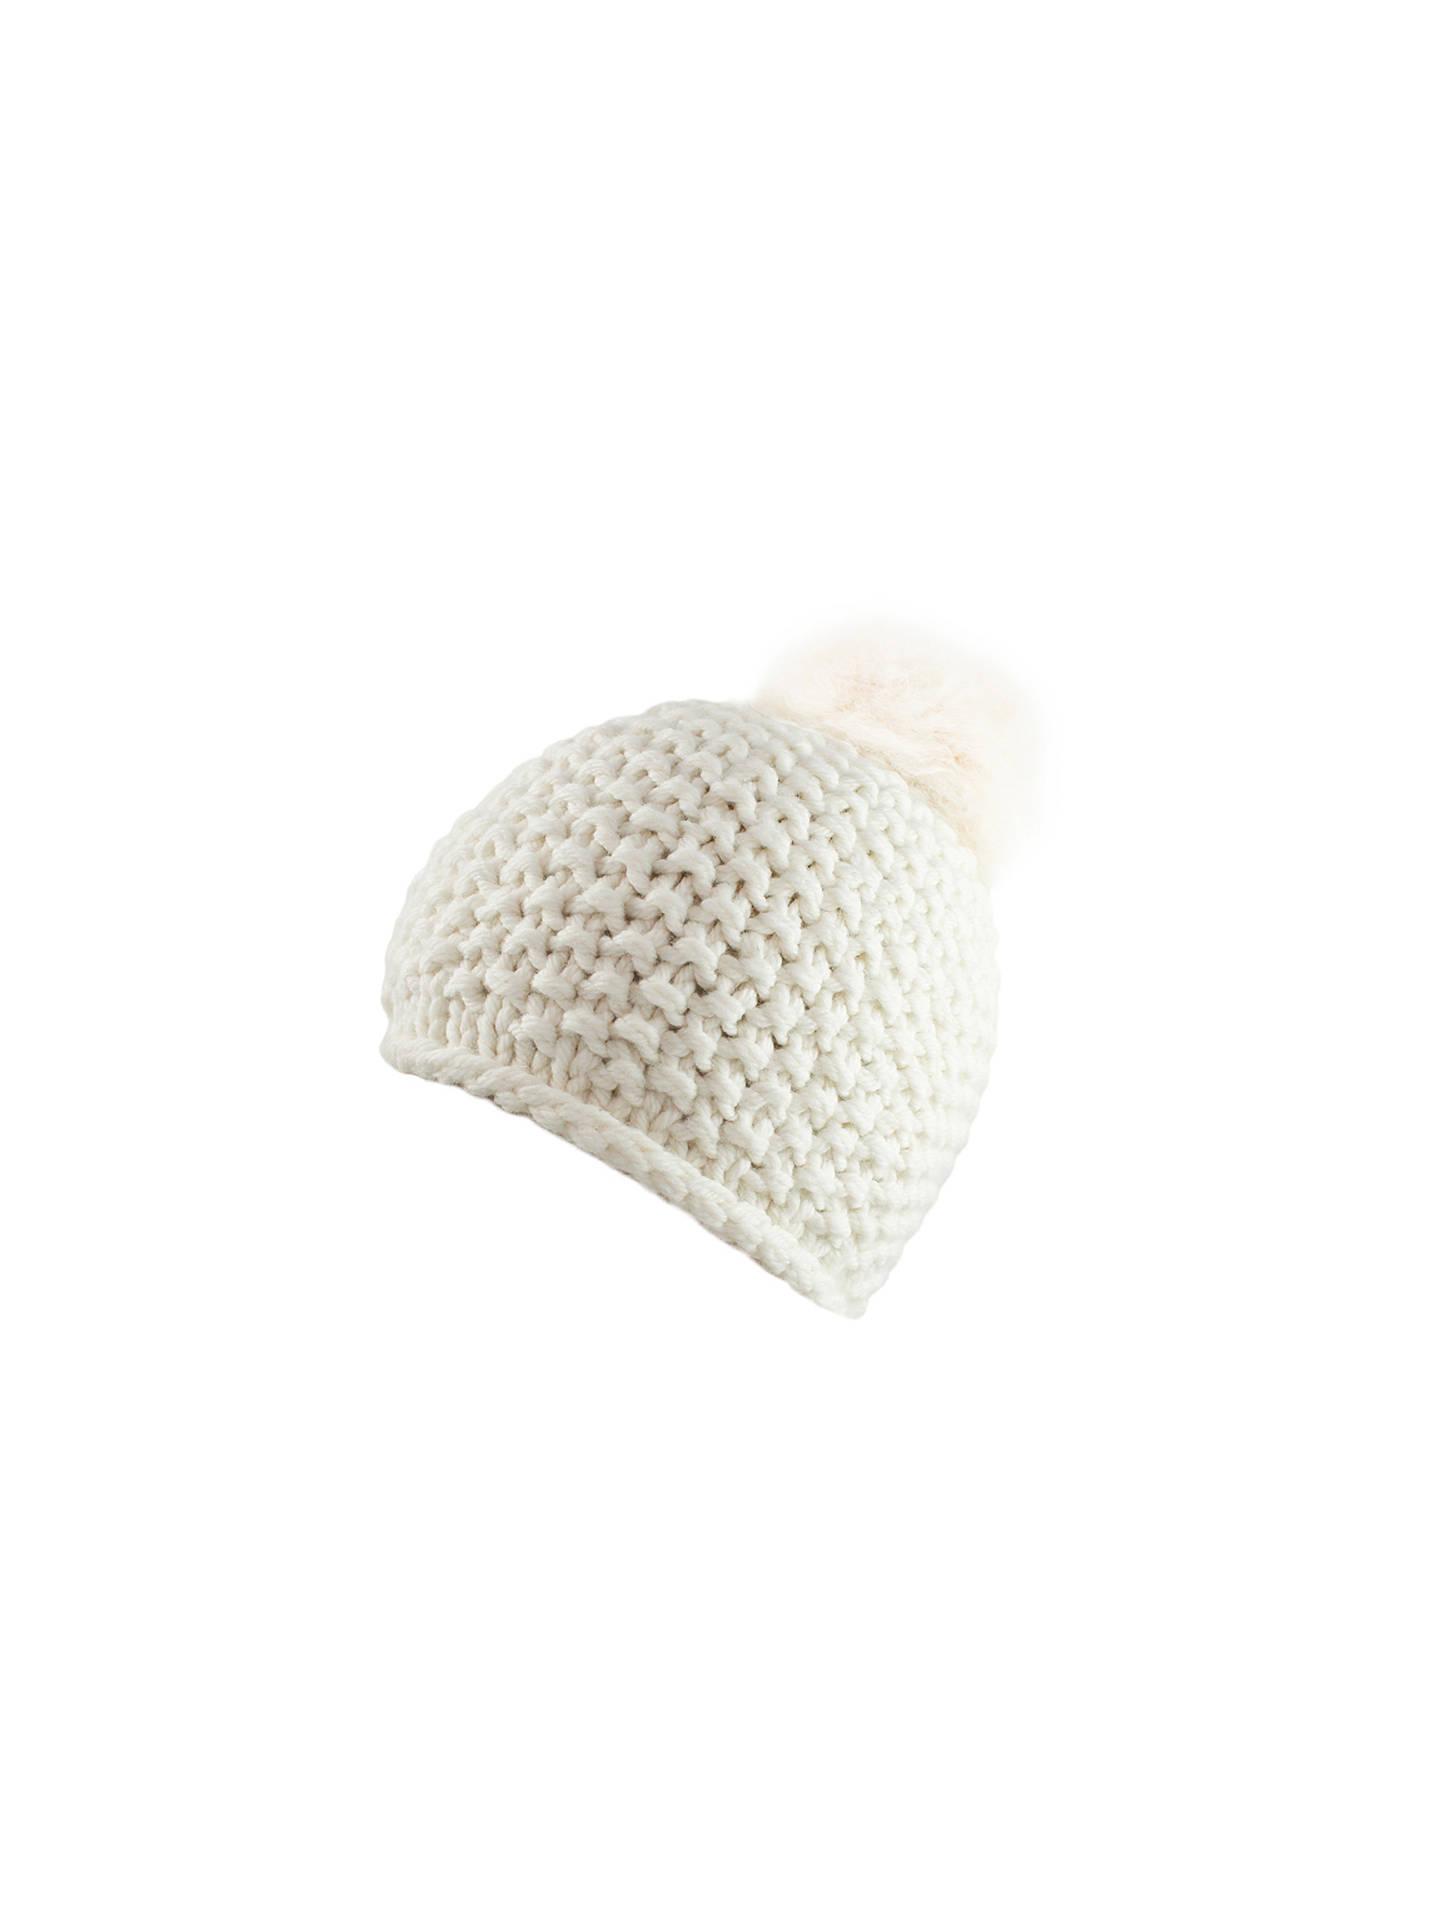 00f4d18c9 TOFT Cove Hat Knitting Kit